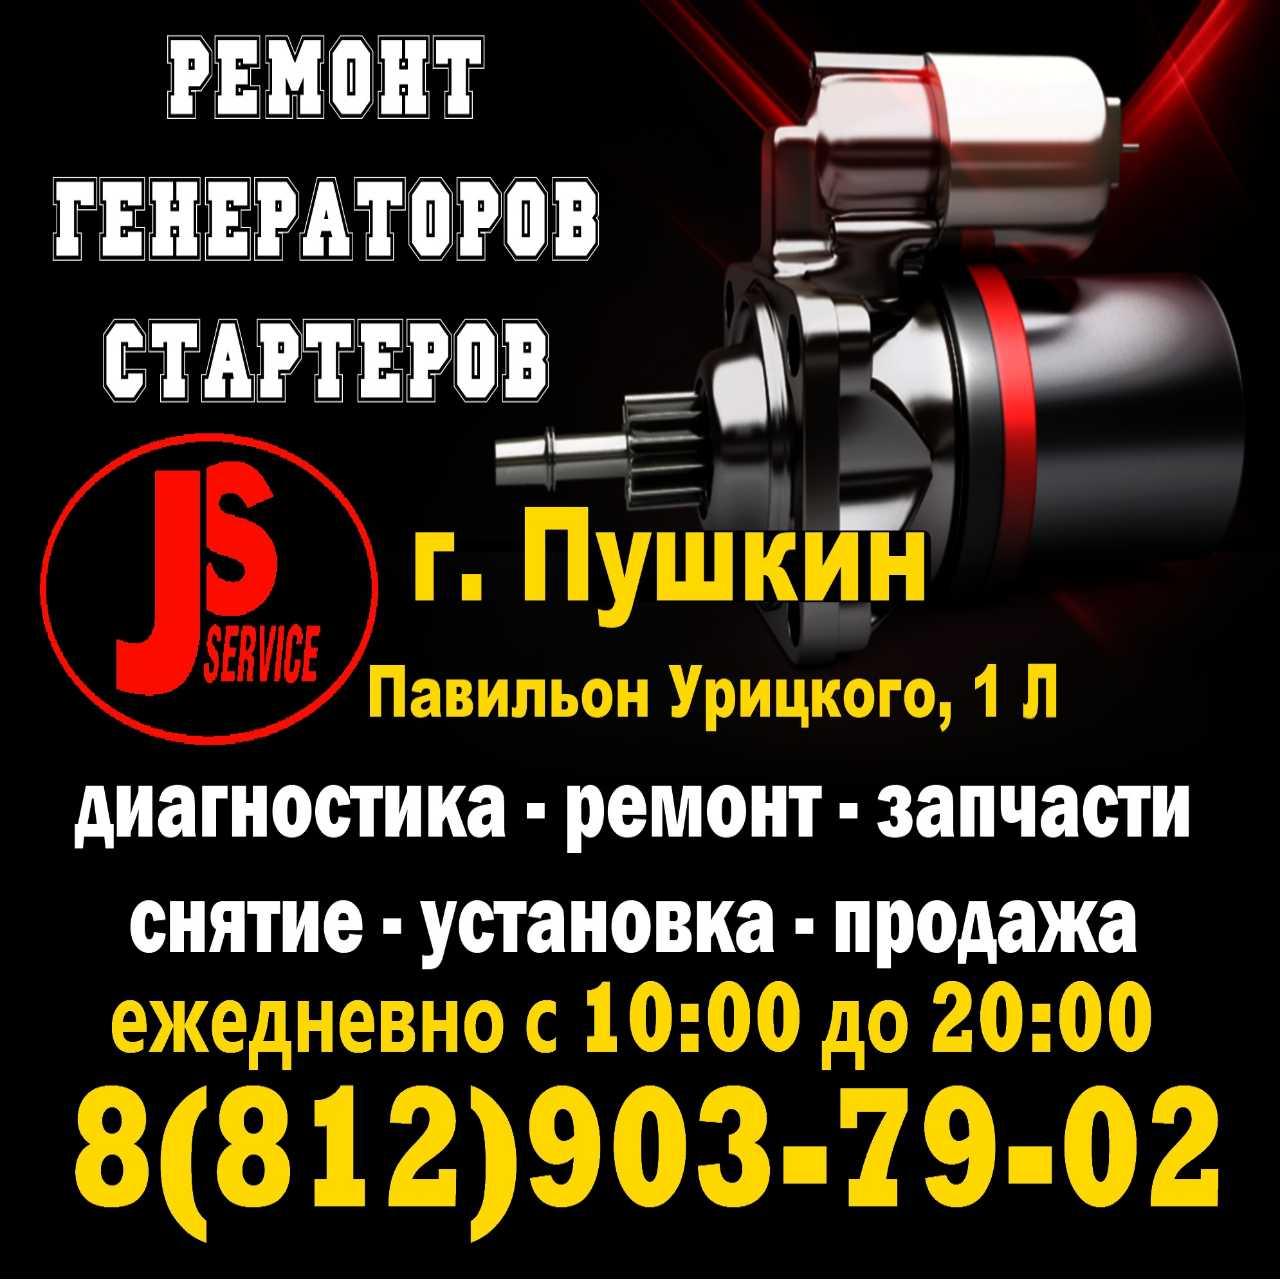 Ремонт стартеров и генераторов в Пушкине снятие установка запчасти 8-812-903-79-02